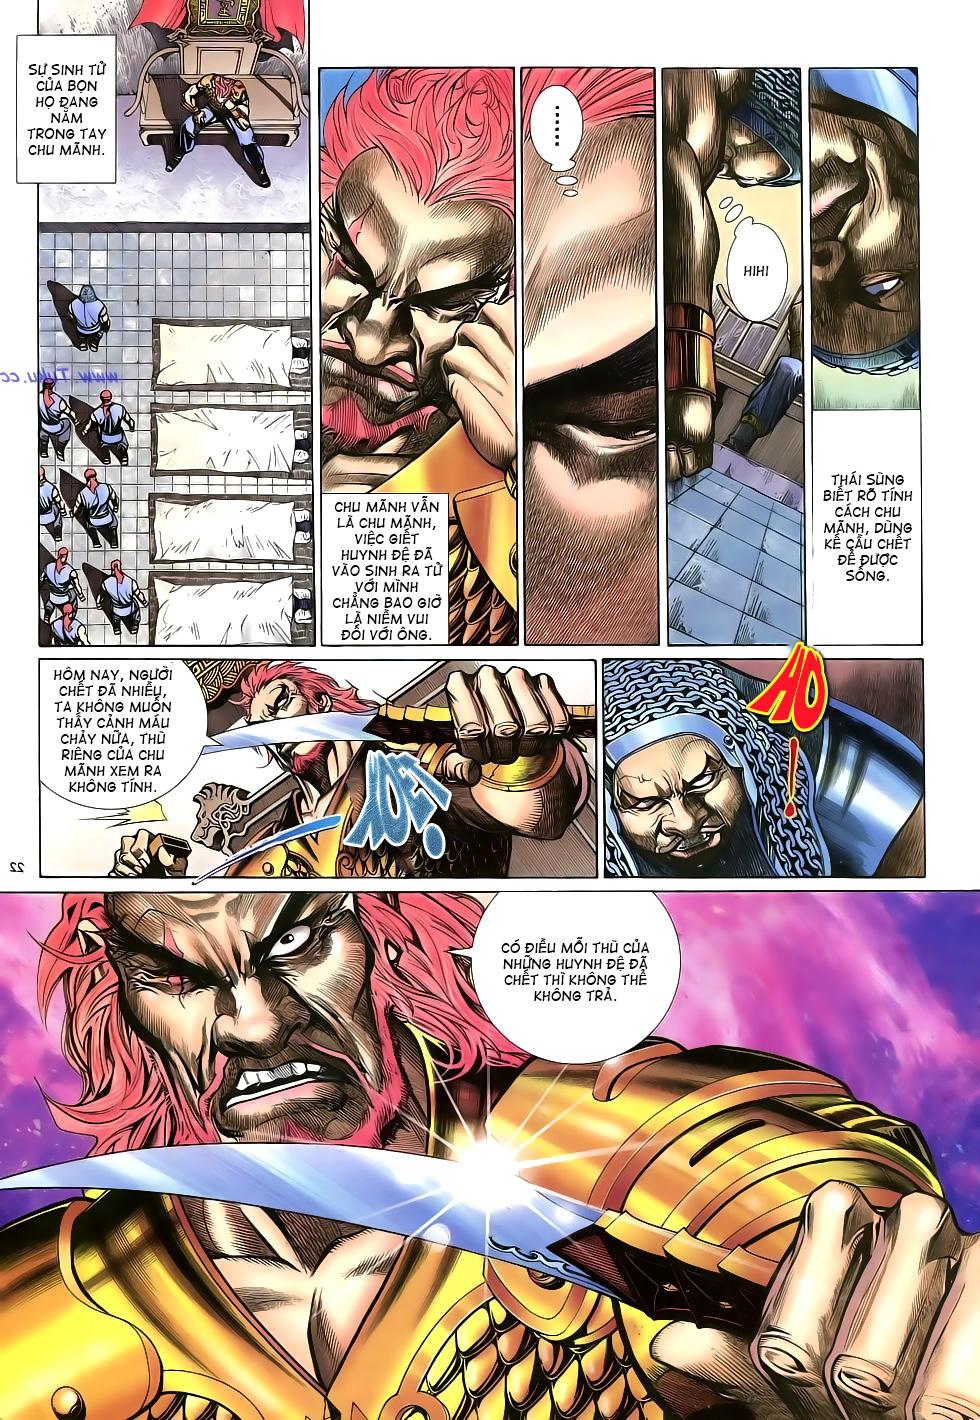 Anh hùng vô lệ Chap 16: Kiếm túy sư cuồng bất lưu đấu  trang 23